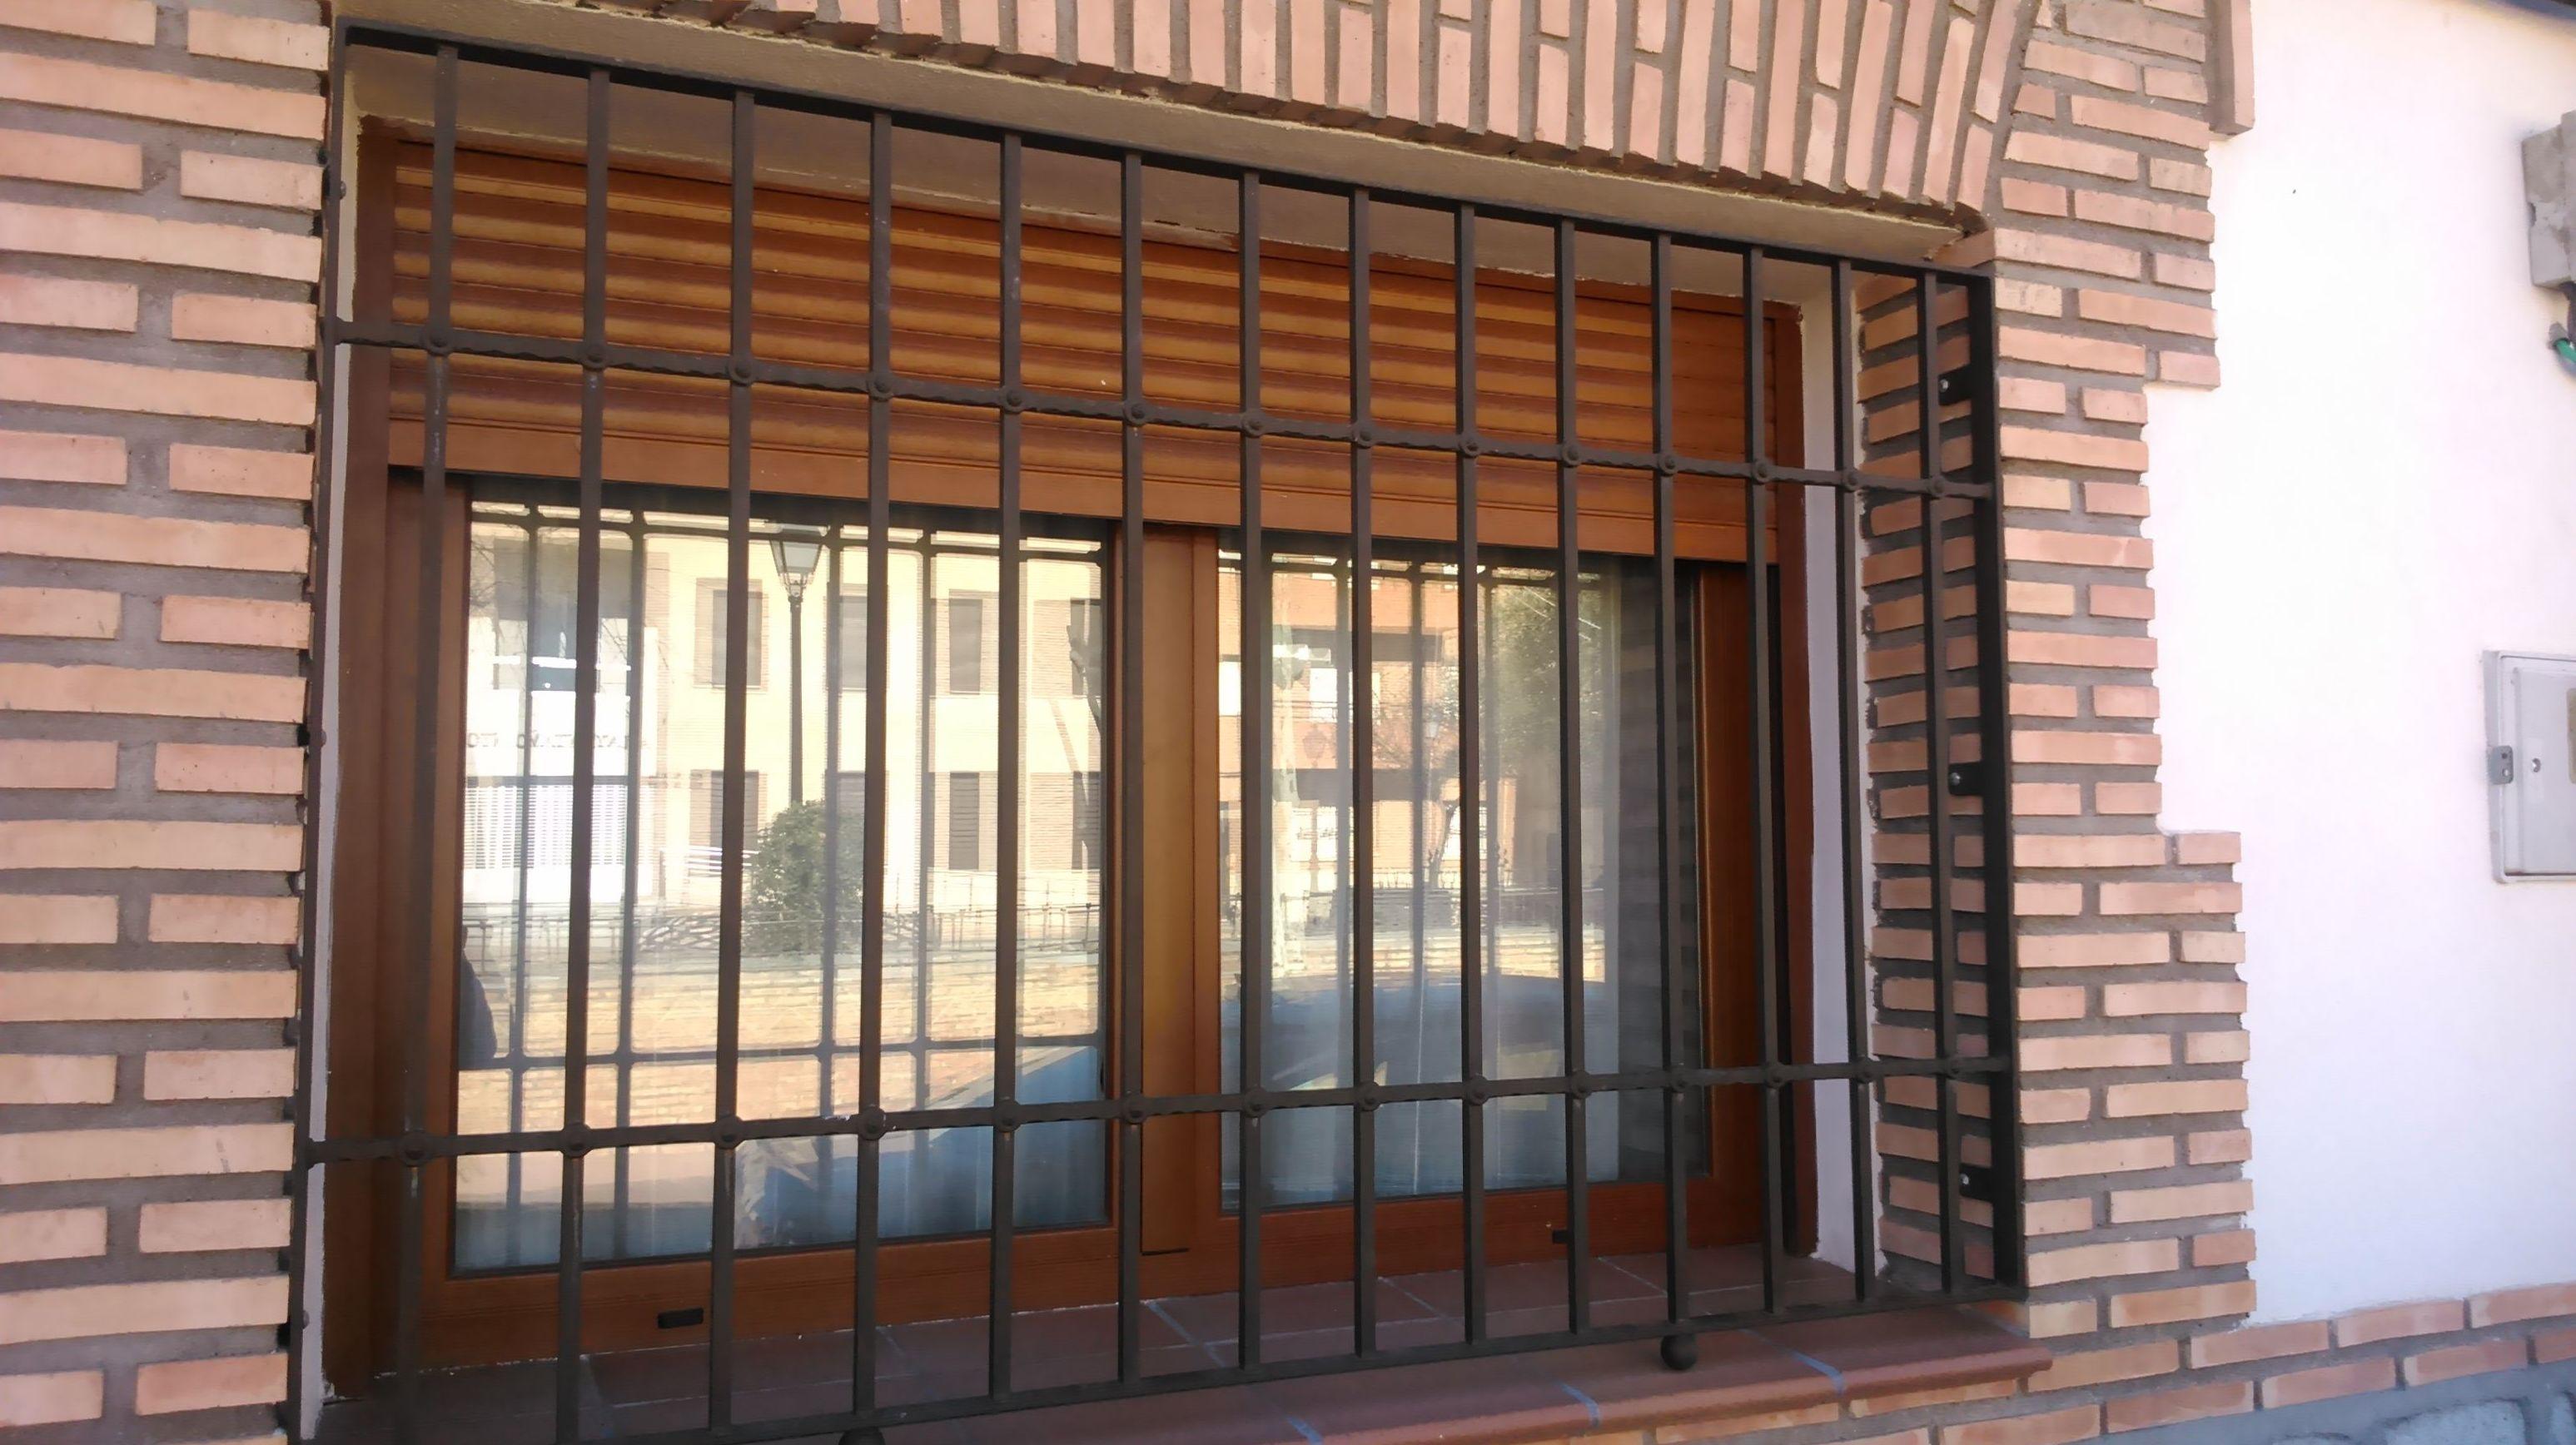 Rejas exteriores servicios y productos de cerrajer a - Rejas exteriores ...